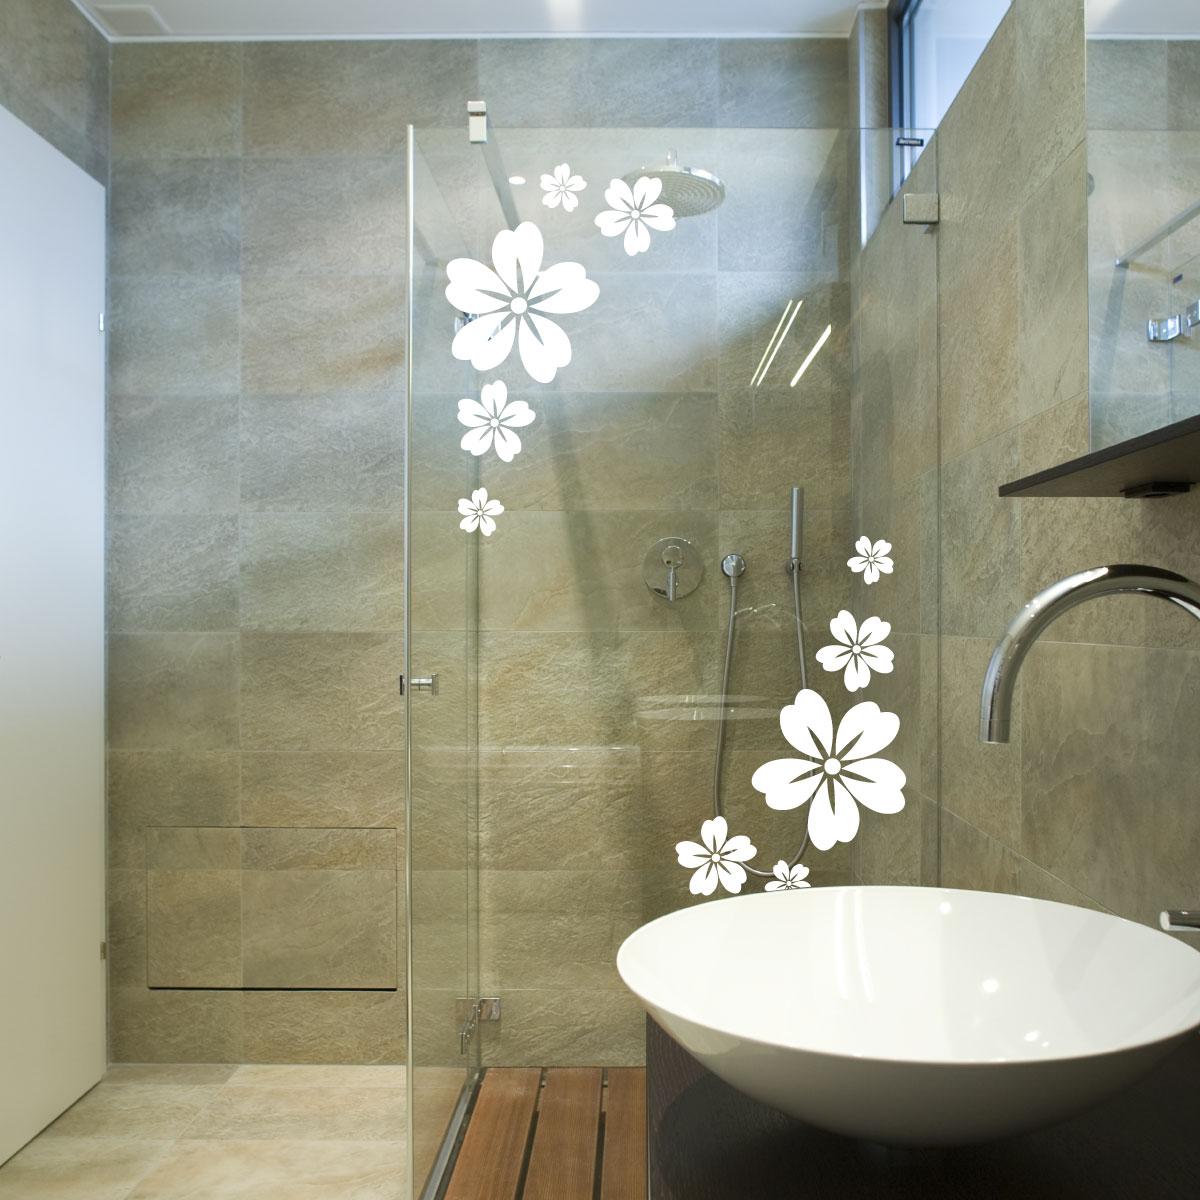 Stickers muraux pour salle de bain sticker mural fleurs - Stickers pour carreaux salle de bain ...